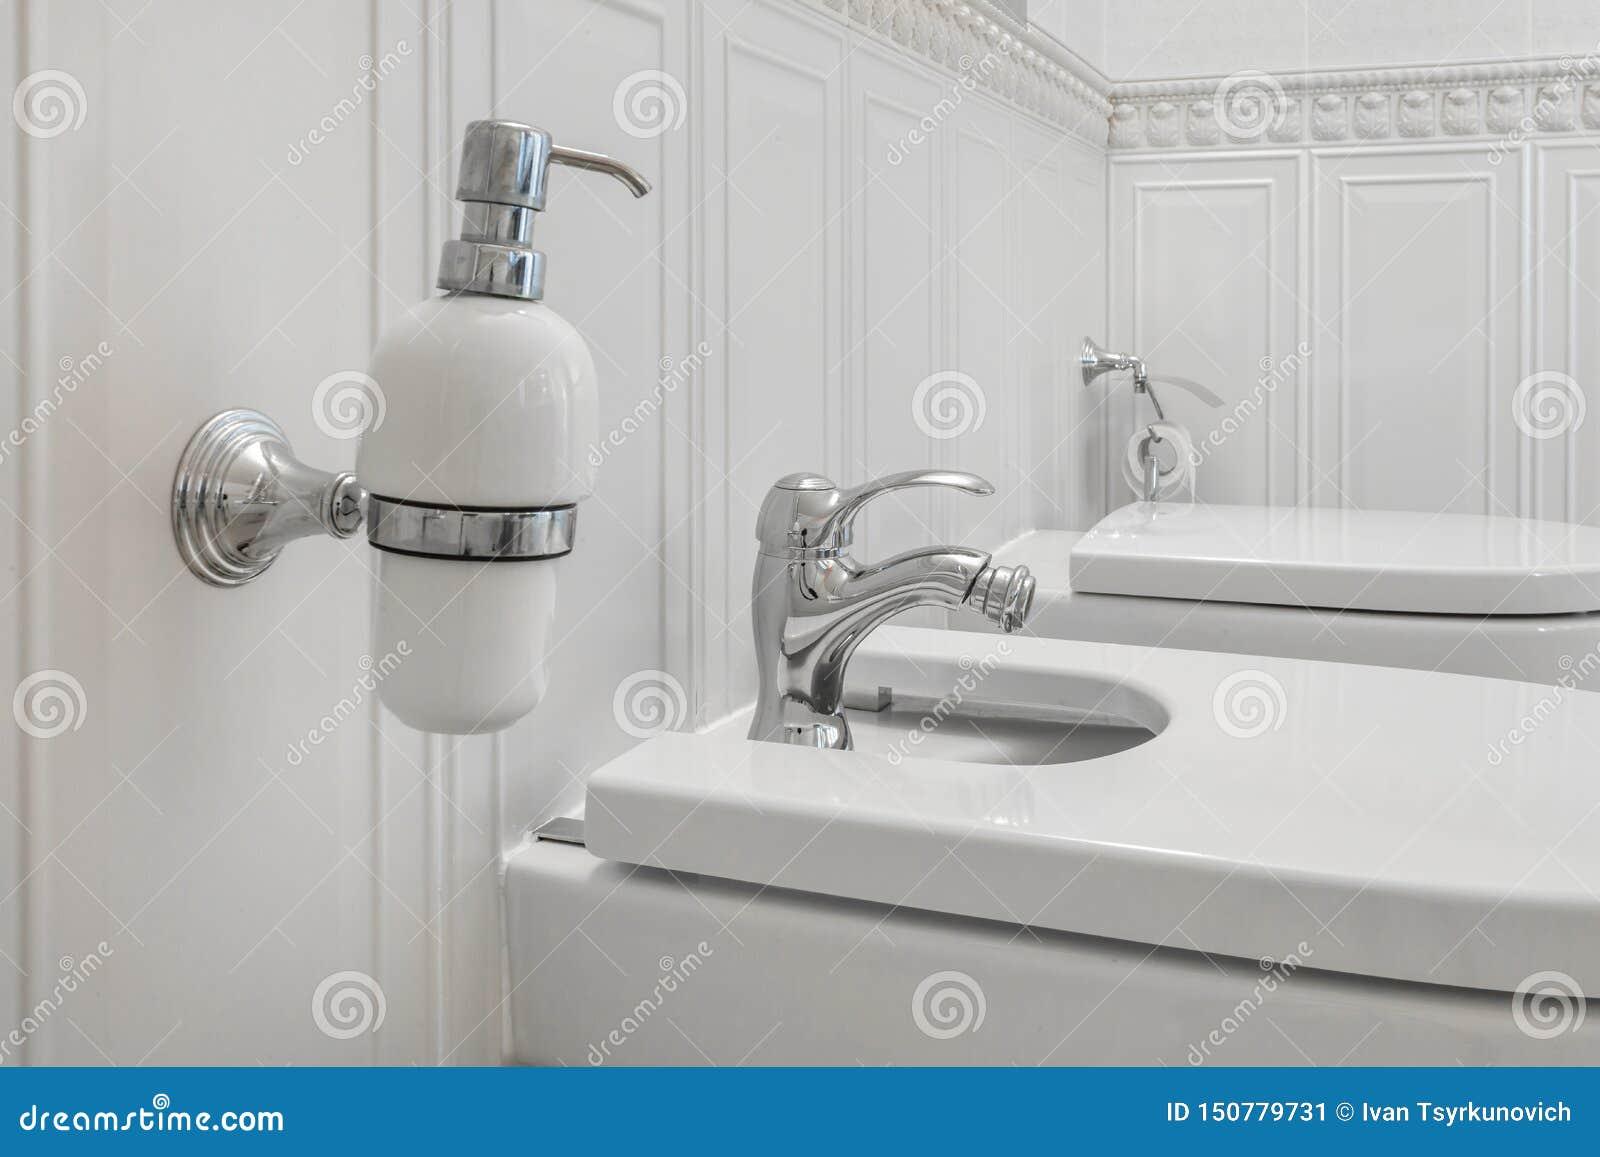 Toaleta i szczeg?? naro?nikowy prysznic bidet z aptekarkami na ?ciennej g?rze myd?a i szamponu bra? pryszni? doczepianie